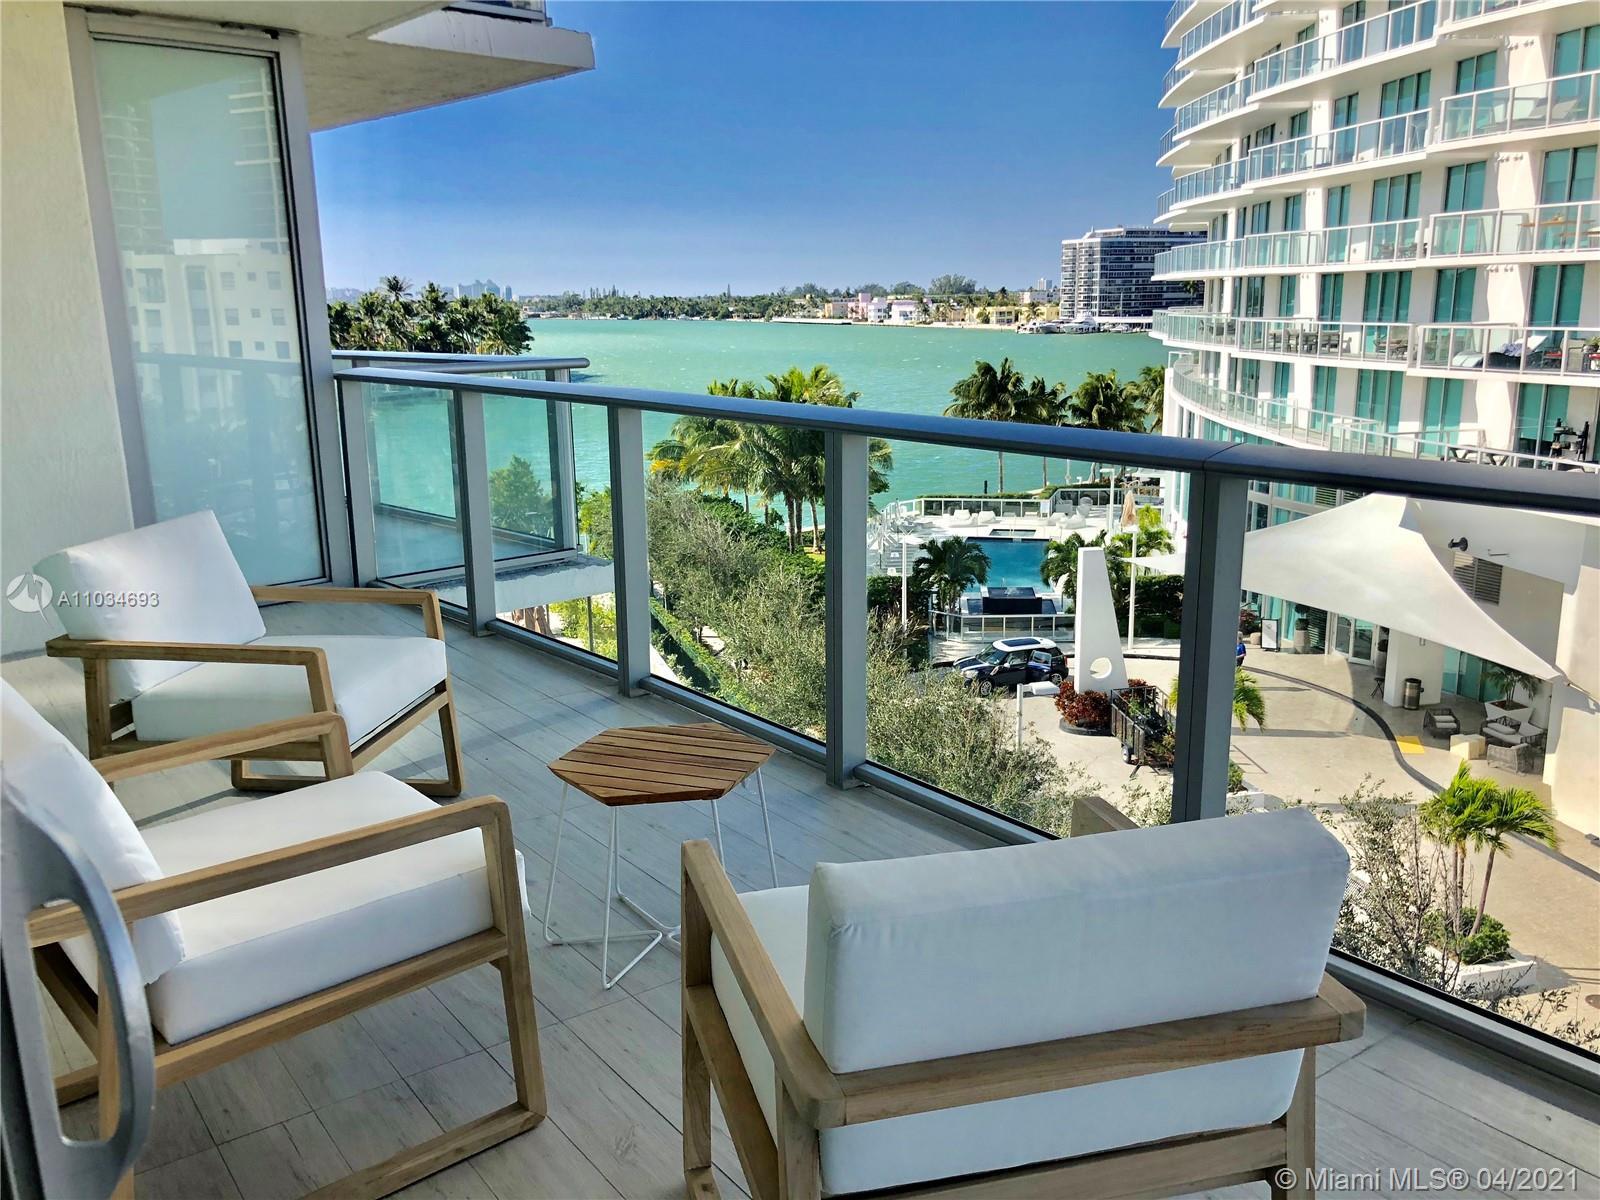 Peloro #516 - 6620 Indian Creek Dr #516, Miami Beach, FL 33141